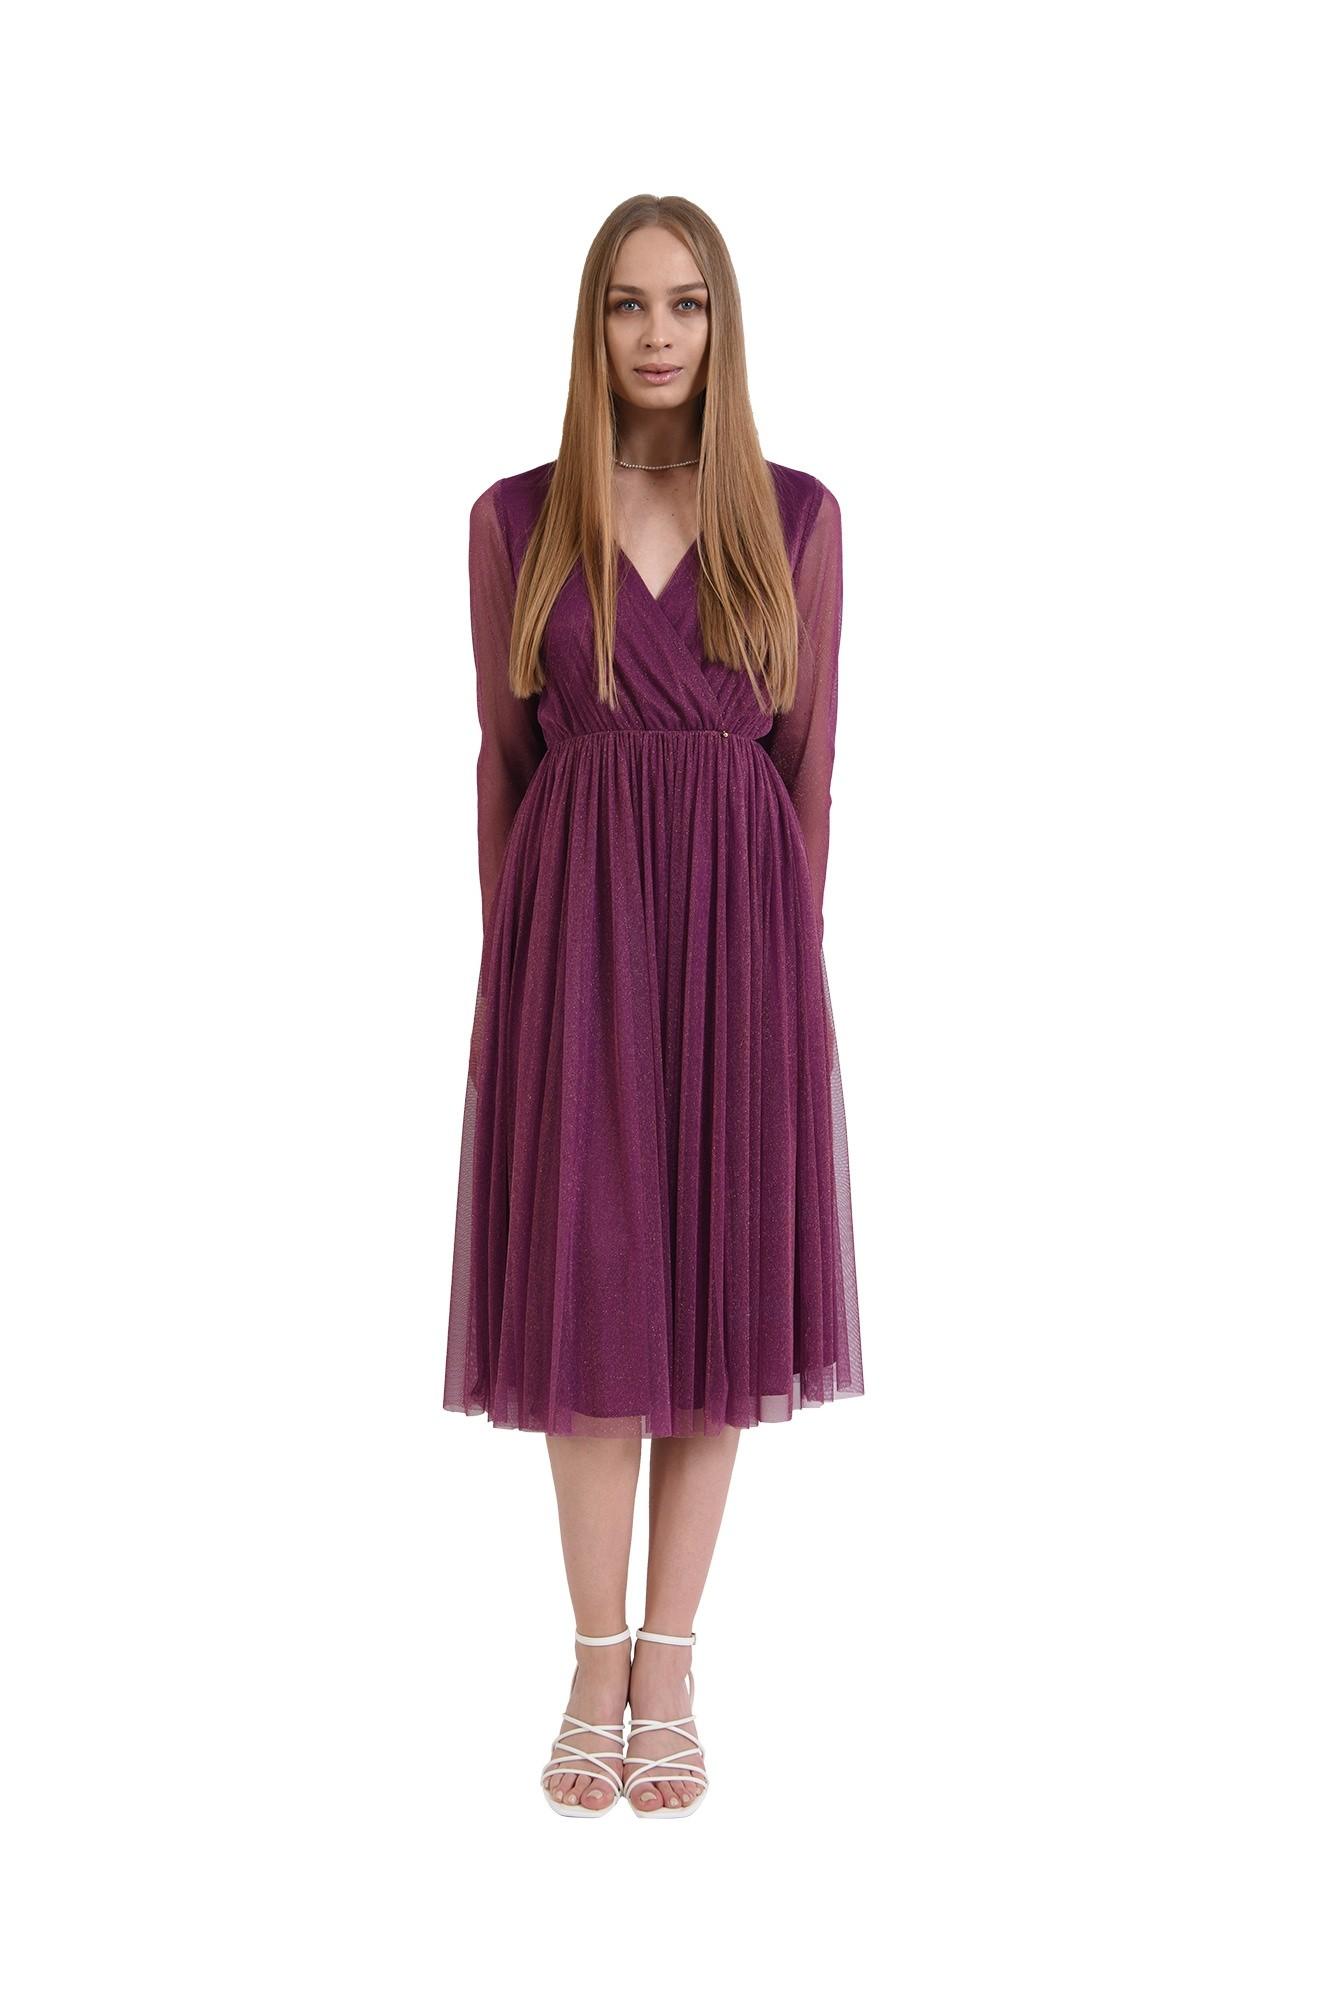 3 -  rochie midi, din tul, cu maneci lungi, anchior petrecut, mov